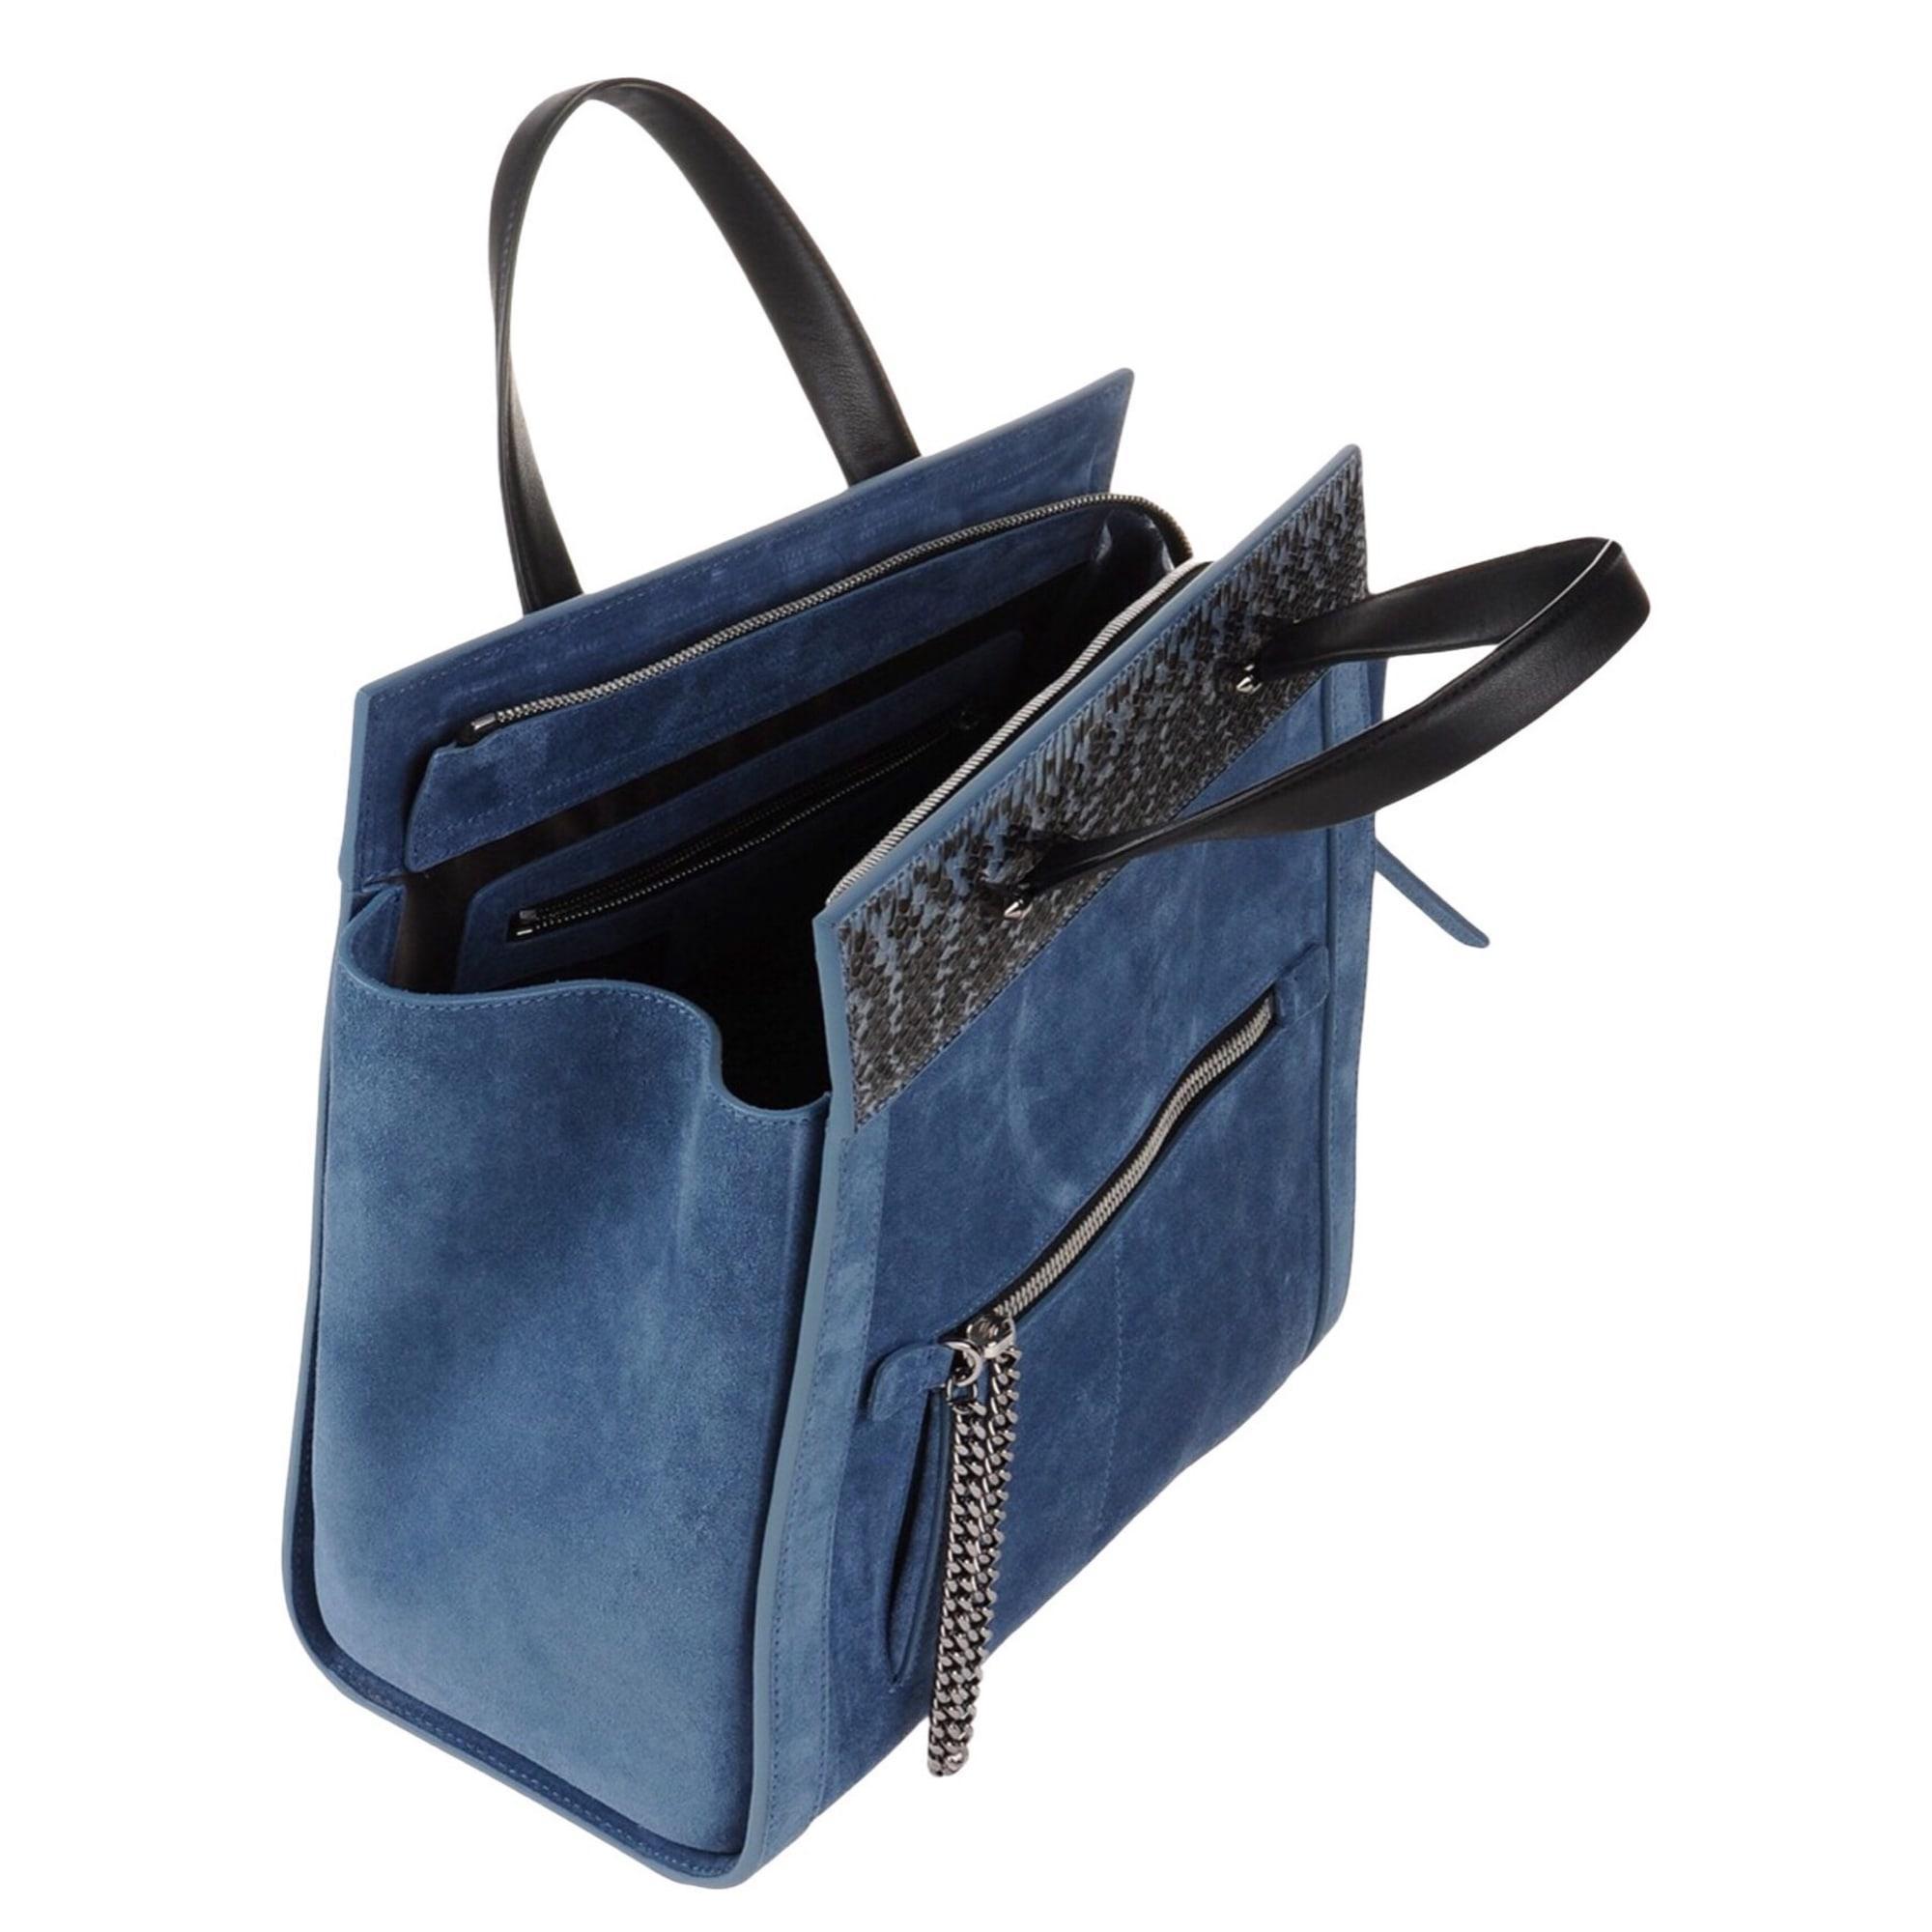 Sac à main en cuir cuir bleu Barbara Bui en coloris Bleu P111